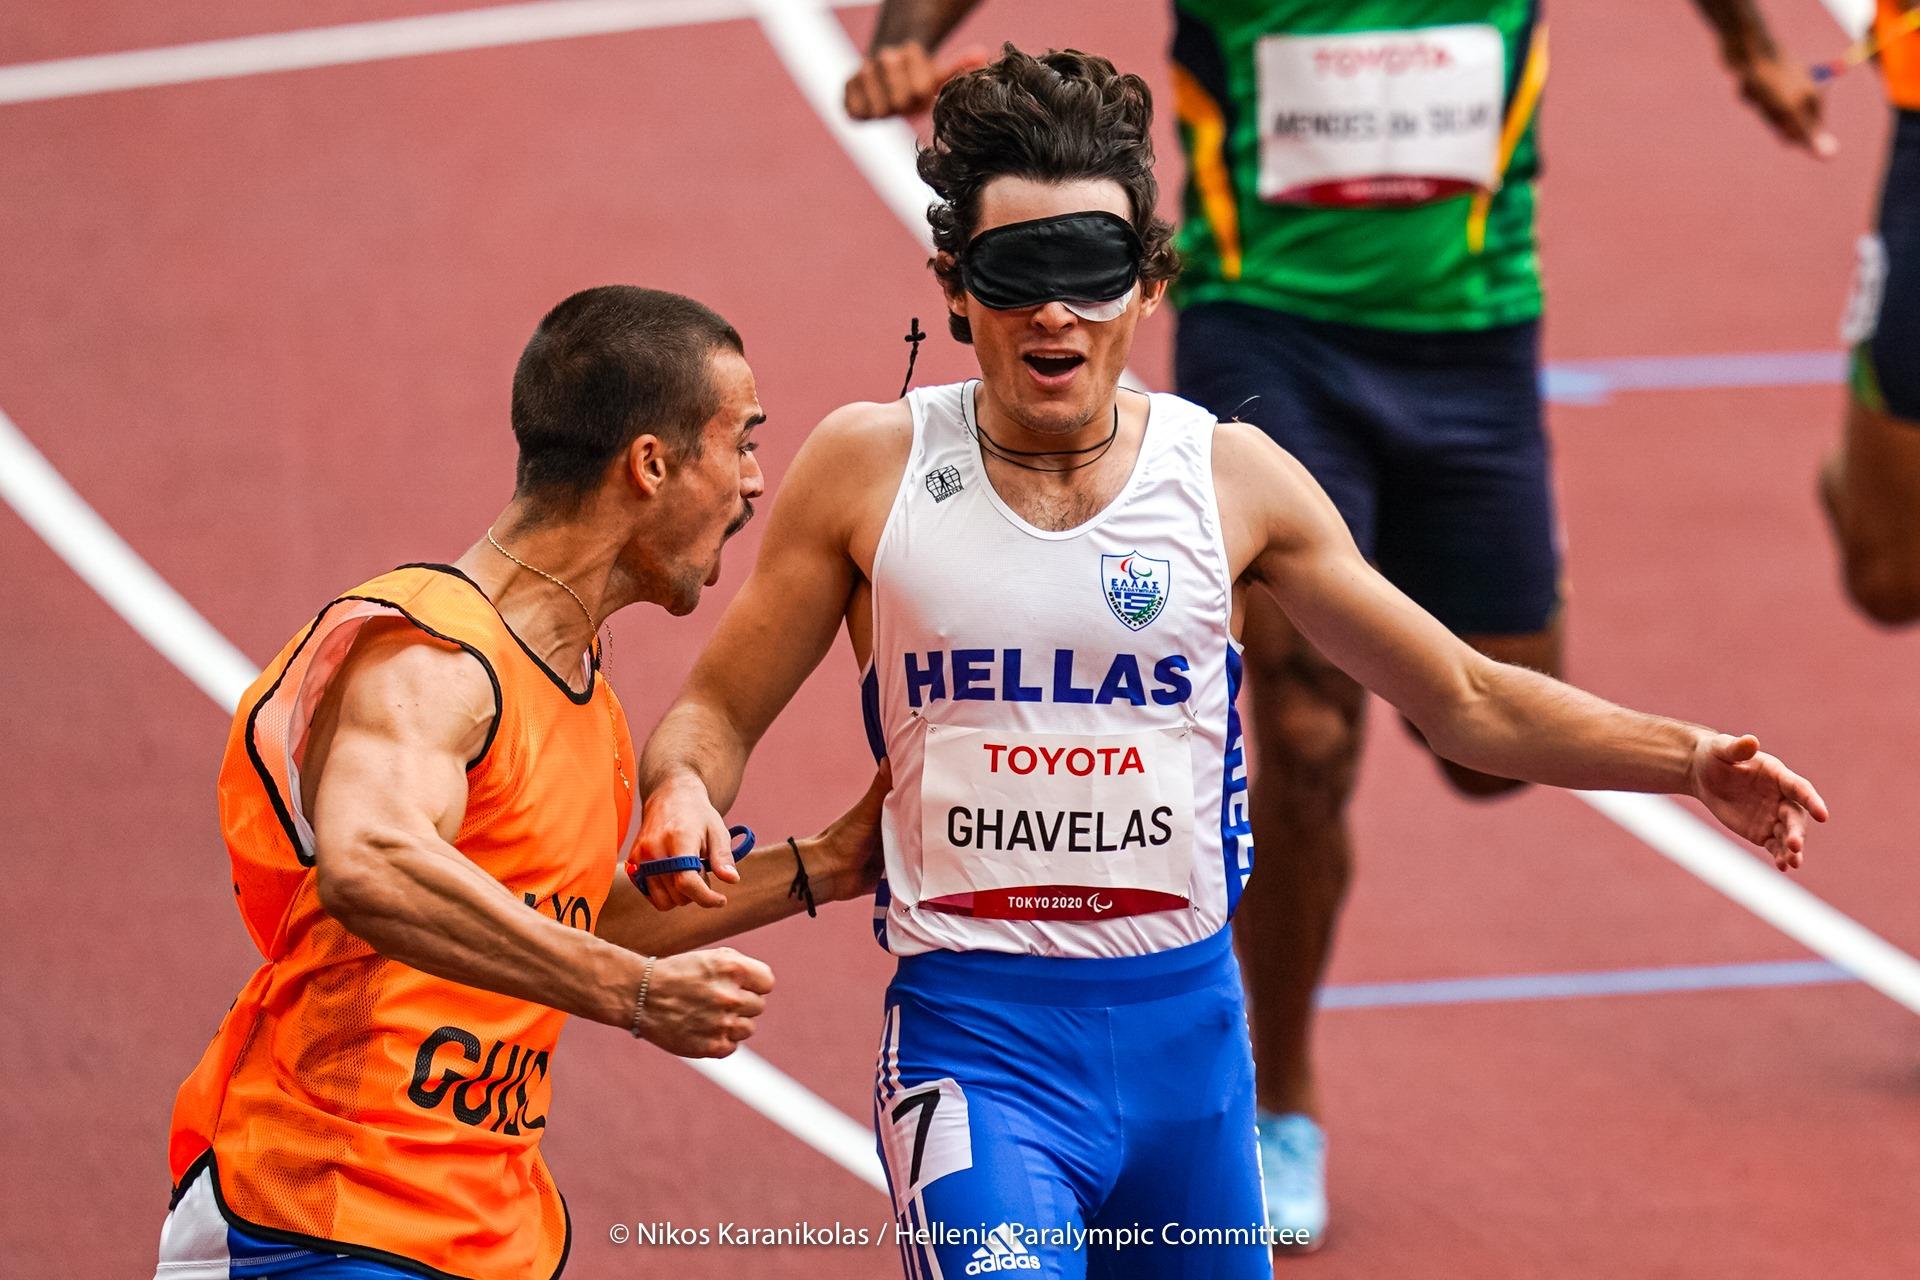 Θανάσης Γκαβέλας Χρυσό μετάλλιο Παραολυμπιακούς Tokyo2020 (photo: Nikos Karanikolas)